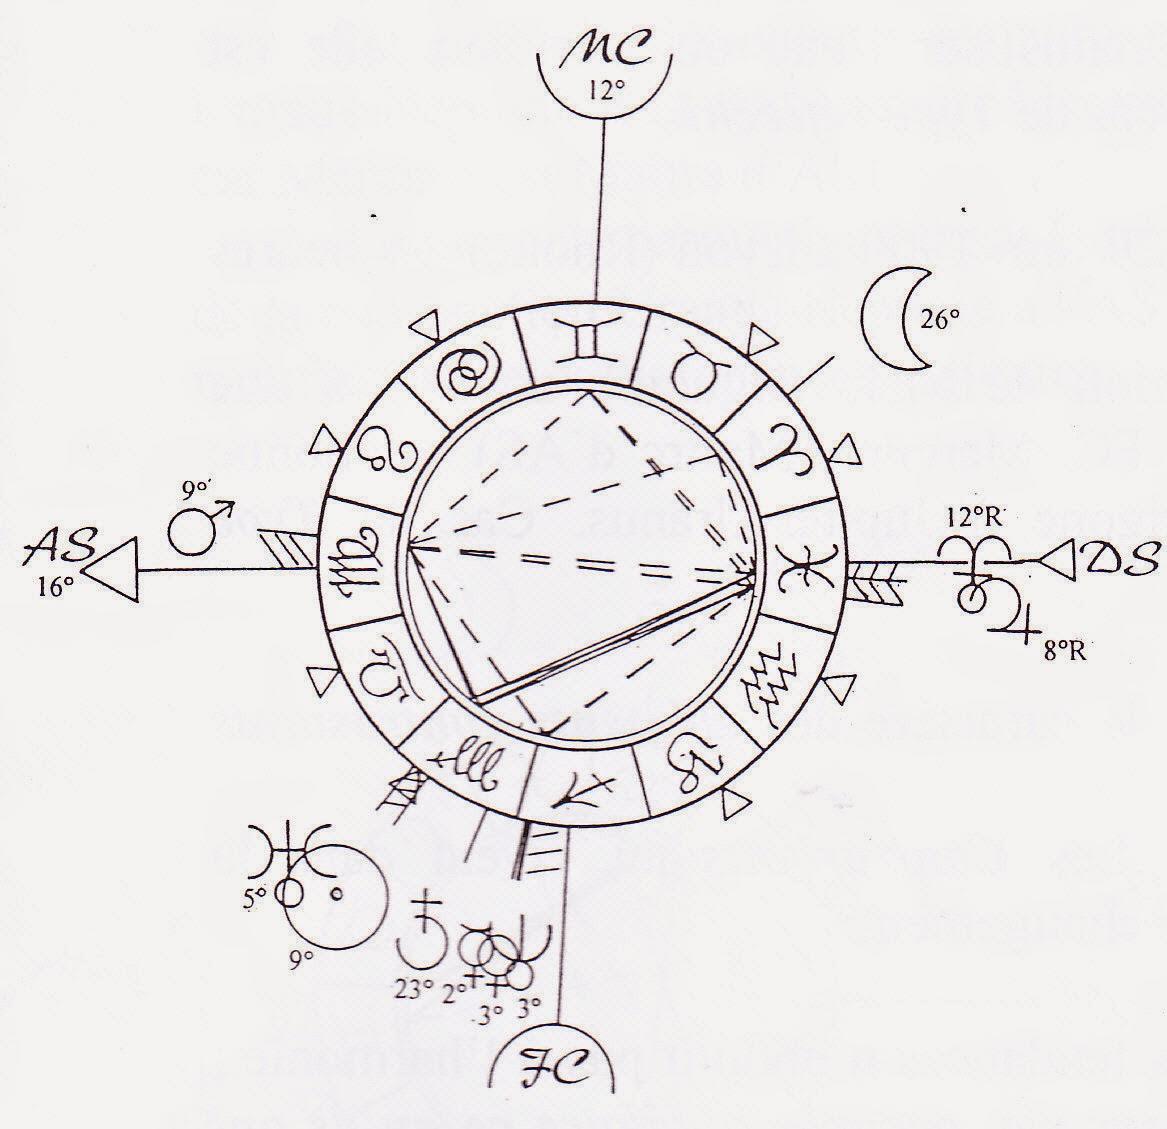 typologie de fr d ric paulhan journal d un astrologue. Black Bedroom Furniture Sets. Home Design Ideas